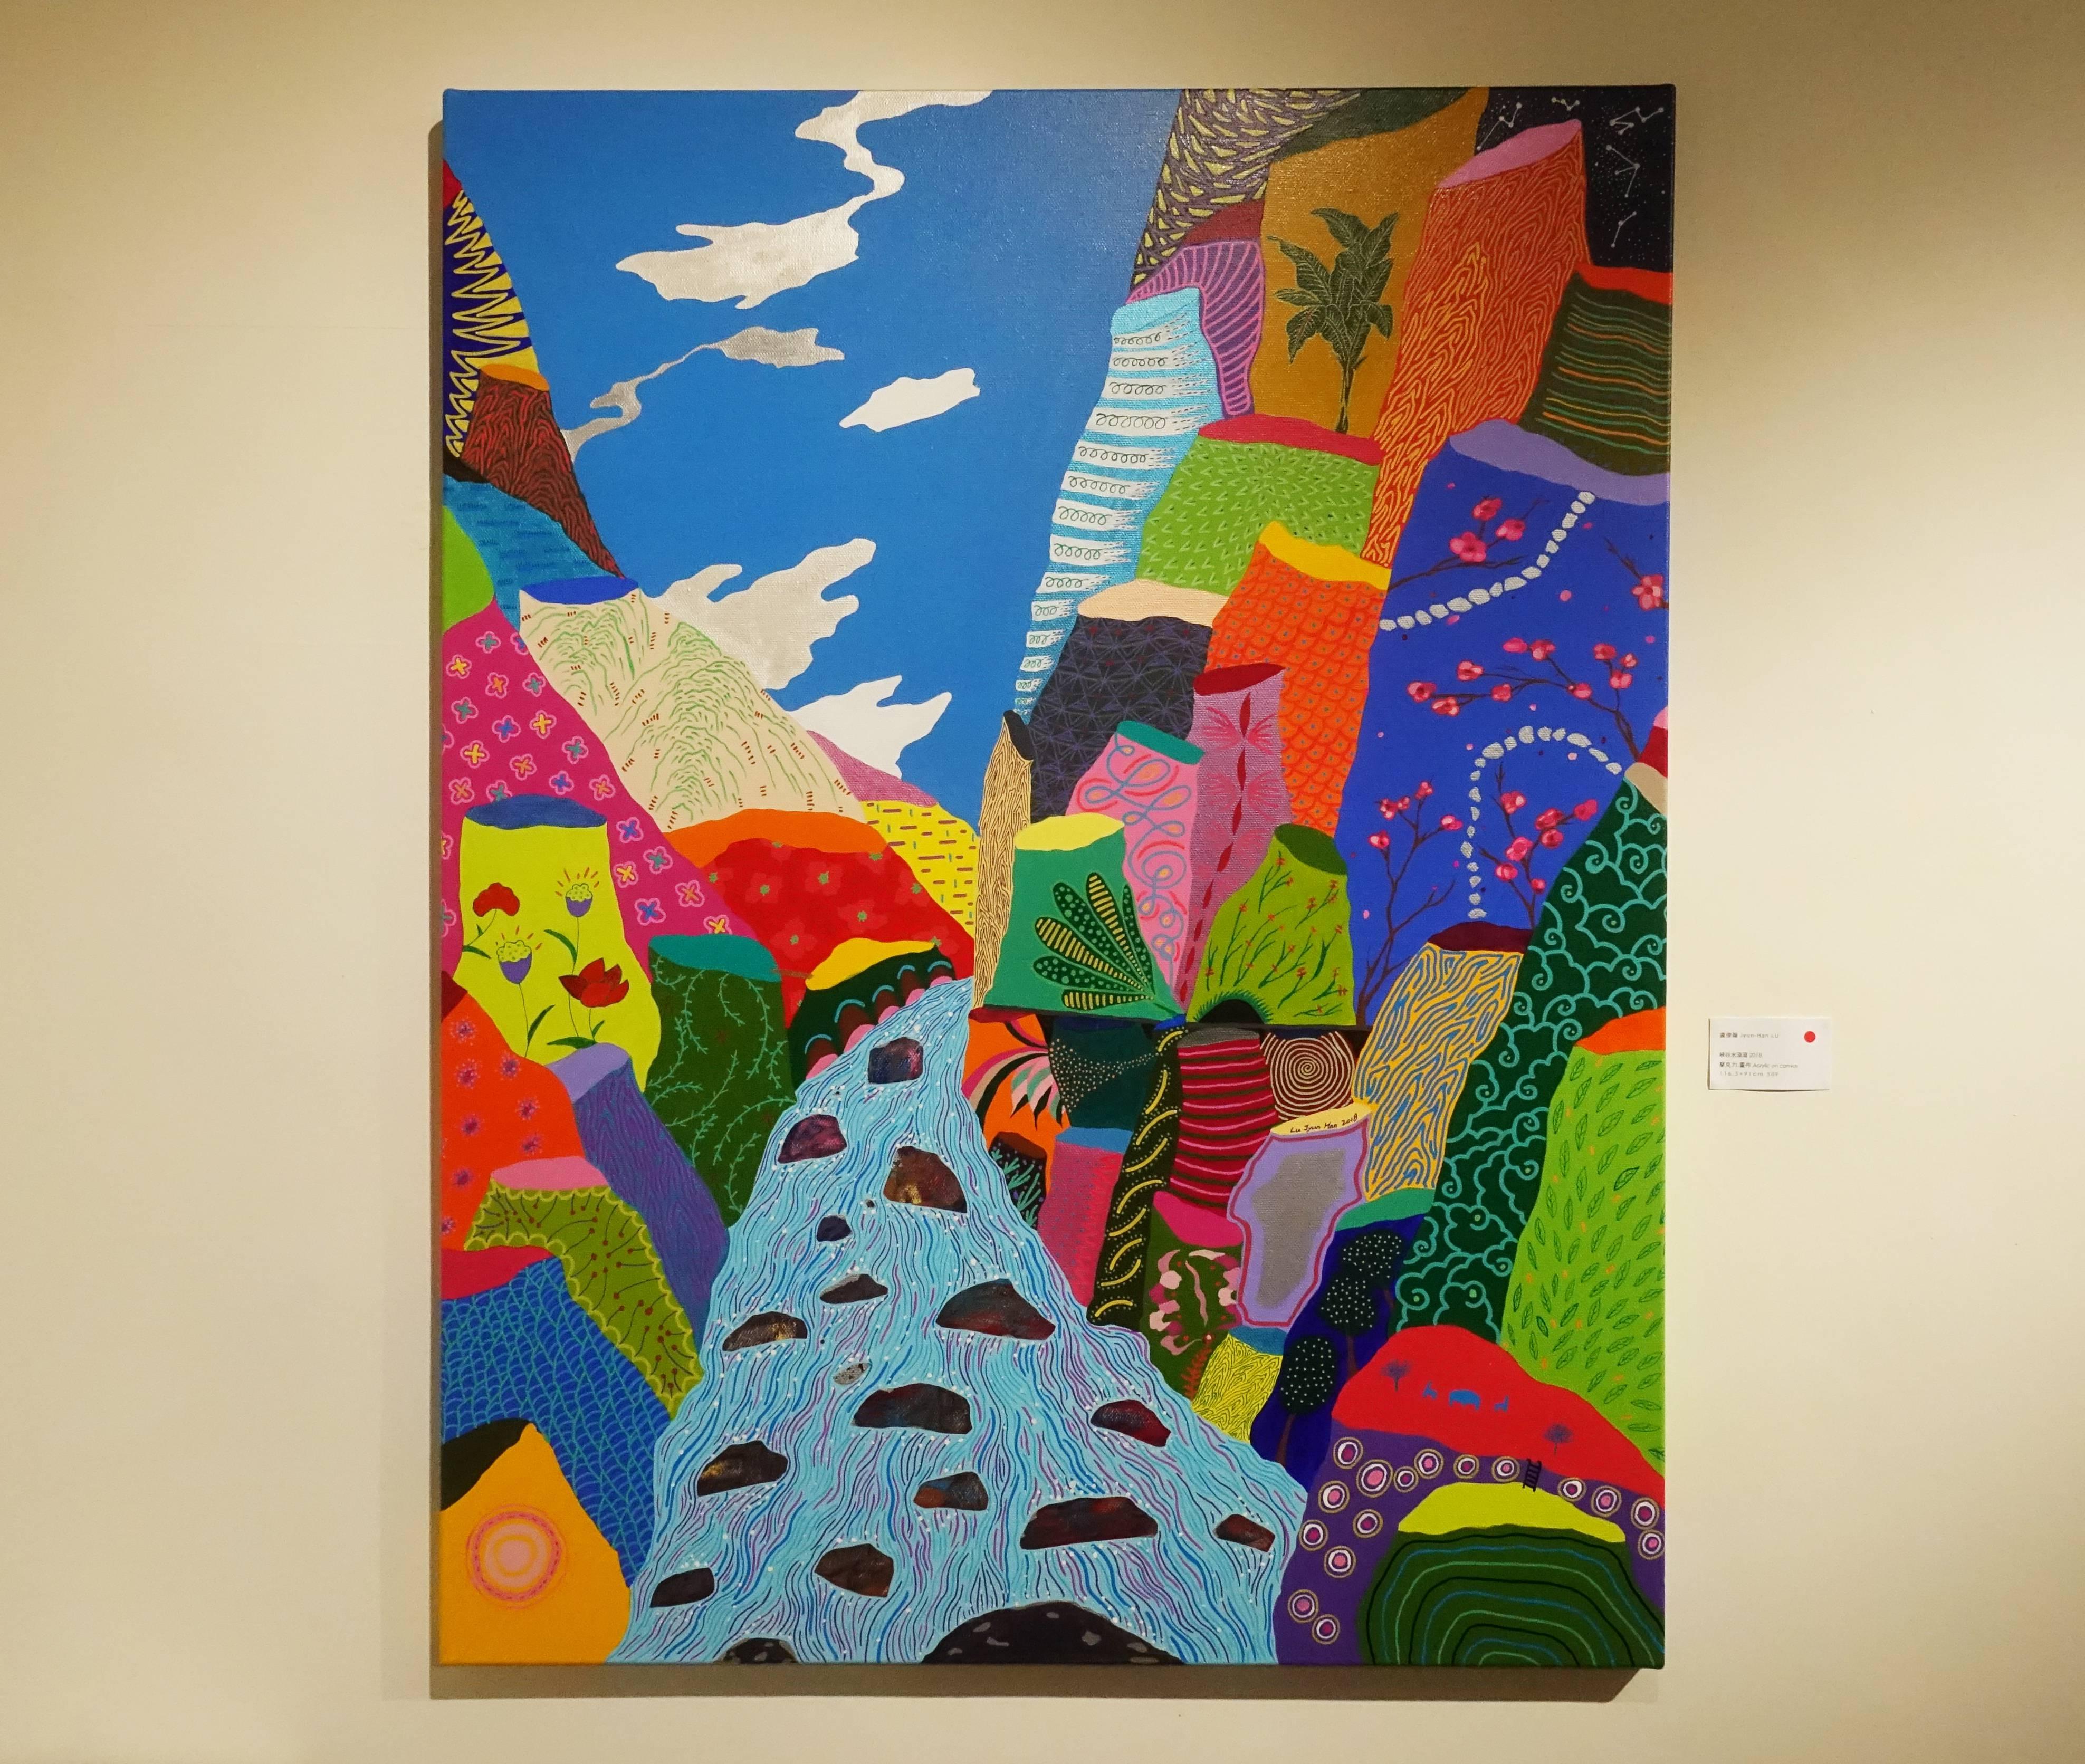 盧俊翰,《峽谷水滾滾》,116.5 x 91 cm,壓克力,2018。